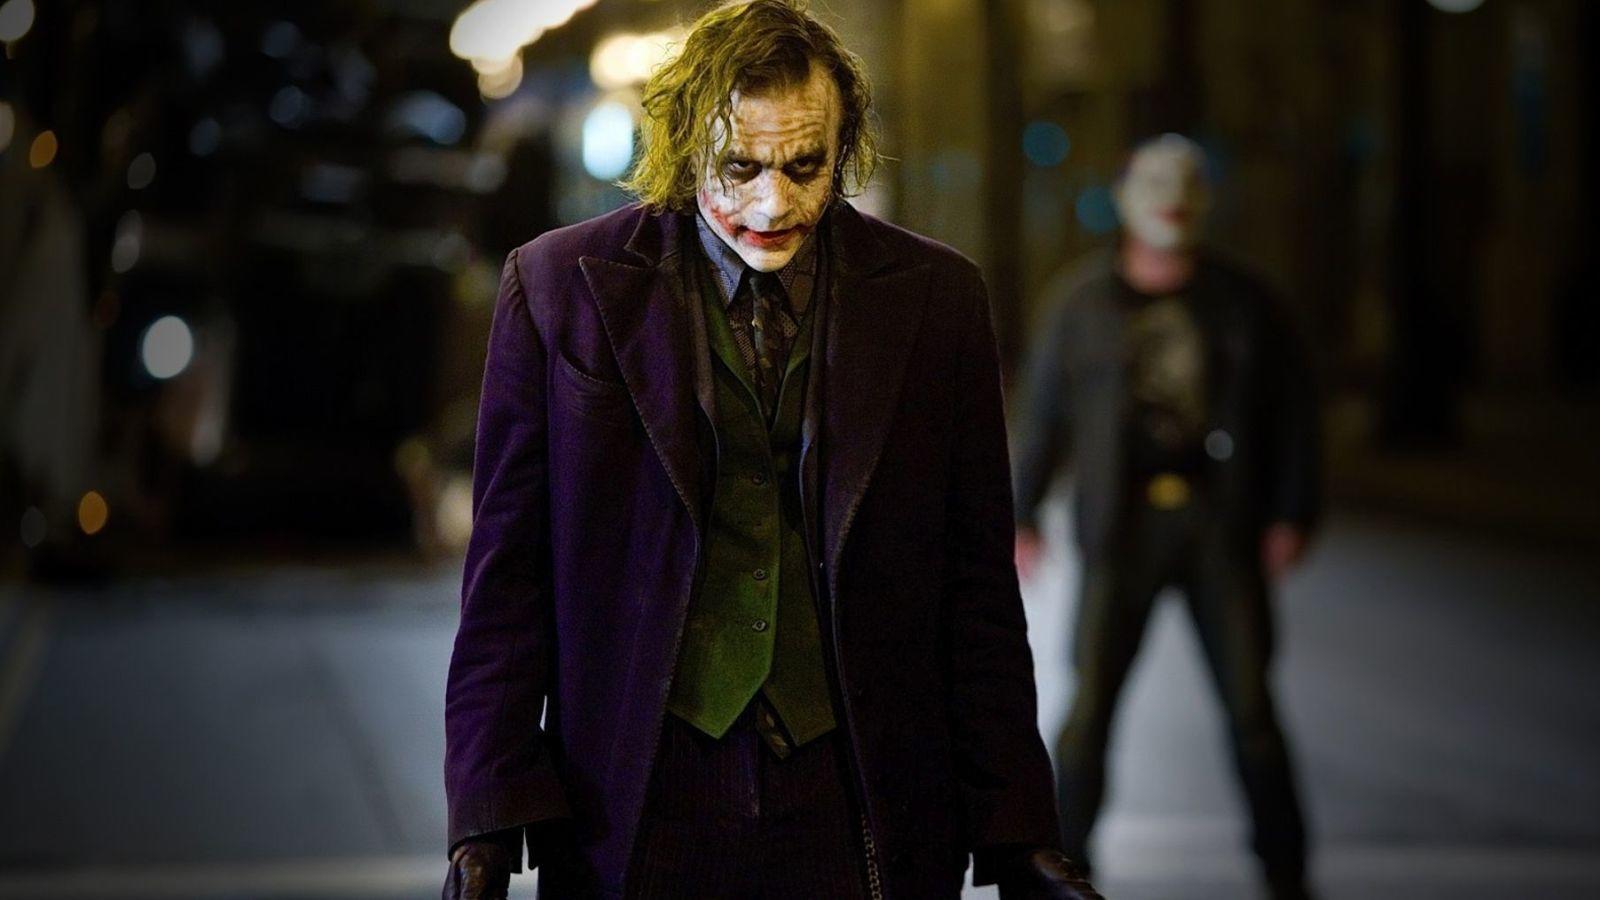 Nolan szándékosan nem kreált teremtéssztorit Jokernek, mert a tiszta, tomboló anarchiát szerette volna megtestesülni látni Jokerben, ehhez pedig egy valós minta is kellett: Conor O'Sullivan protézis-szakértőt is bevonták, hogy minél hitelesebbek legyenek a sebhelyek, aki egy létező férfi sebeit vette alapul. (Warner Bros.)